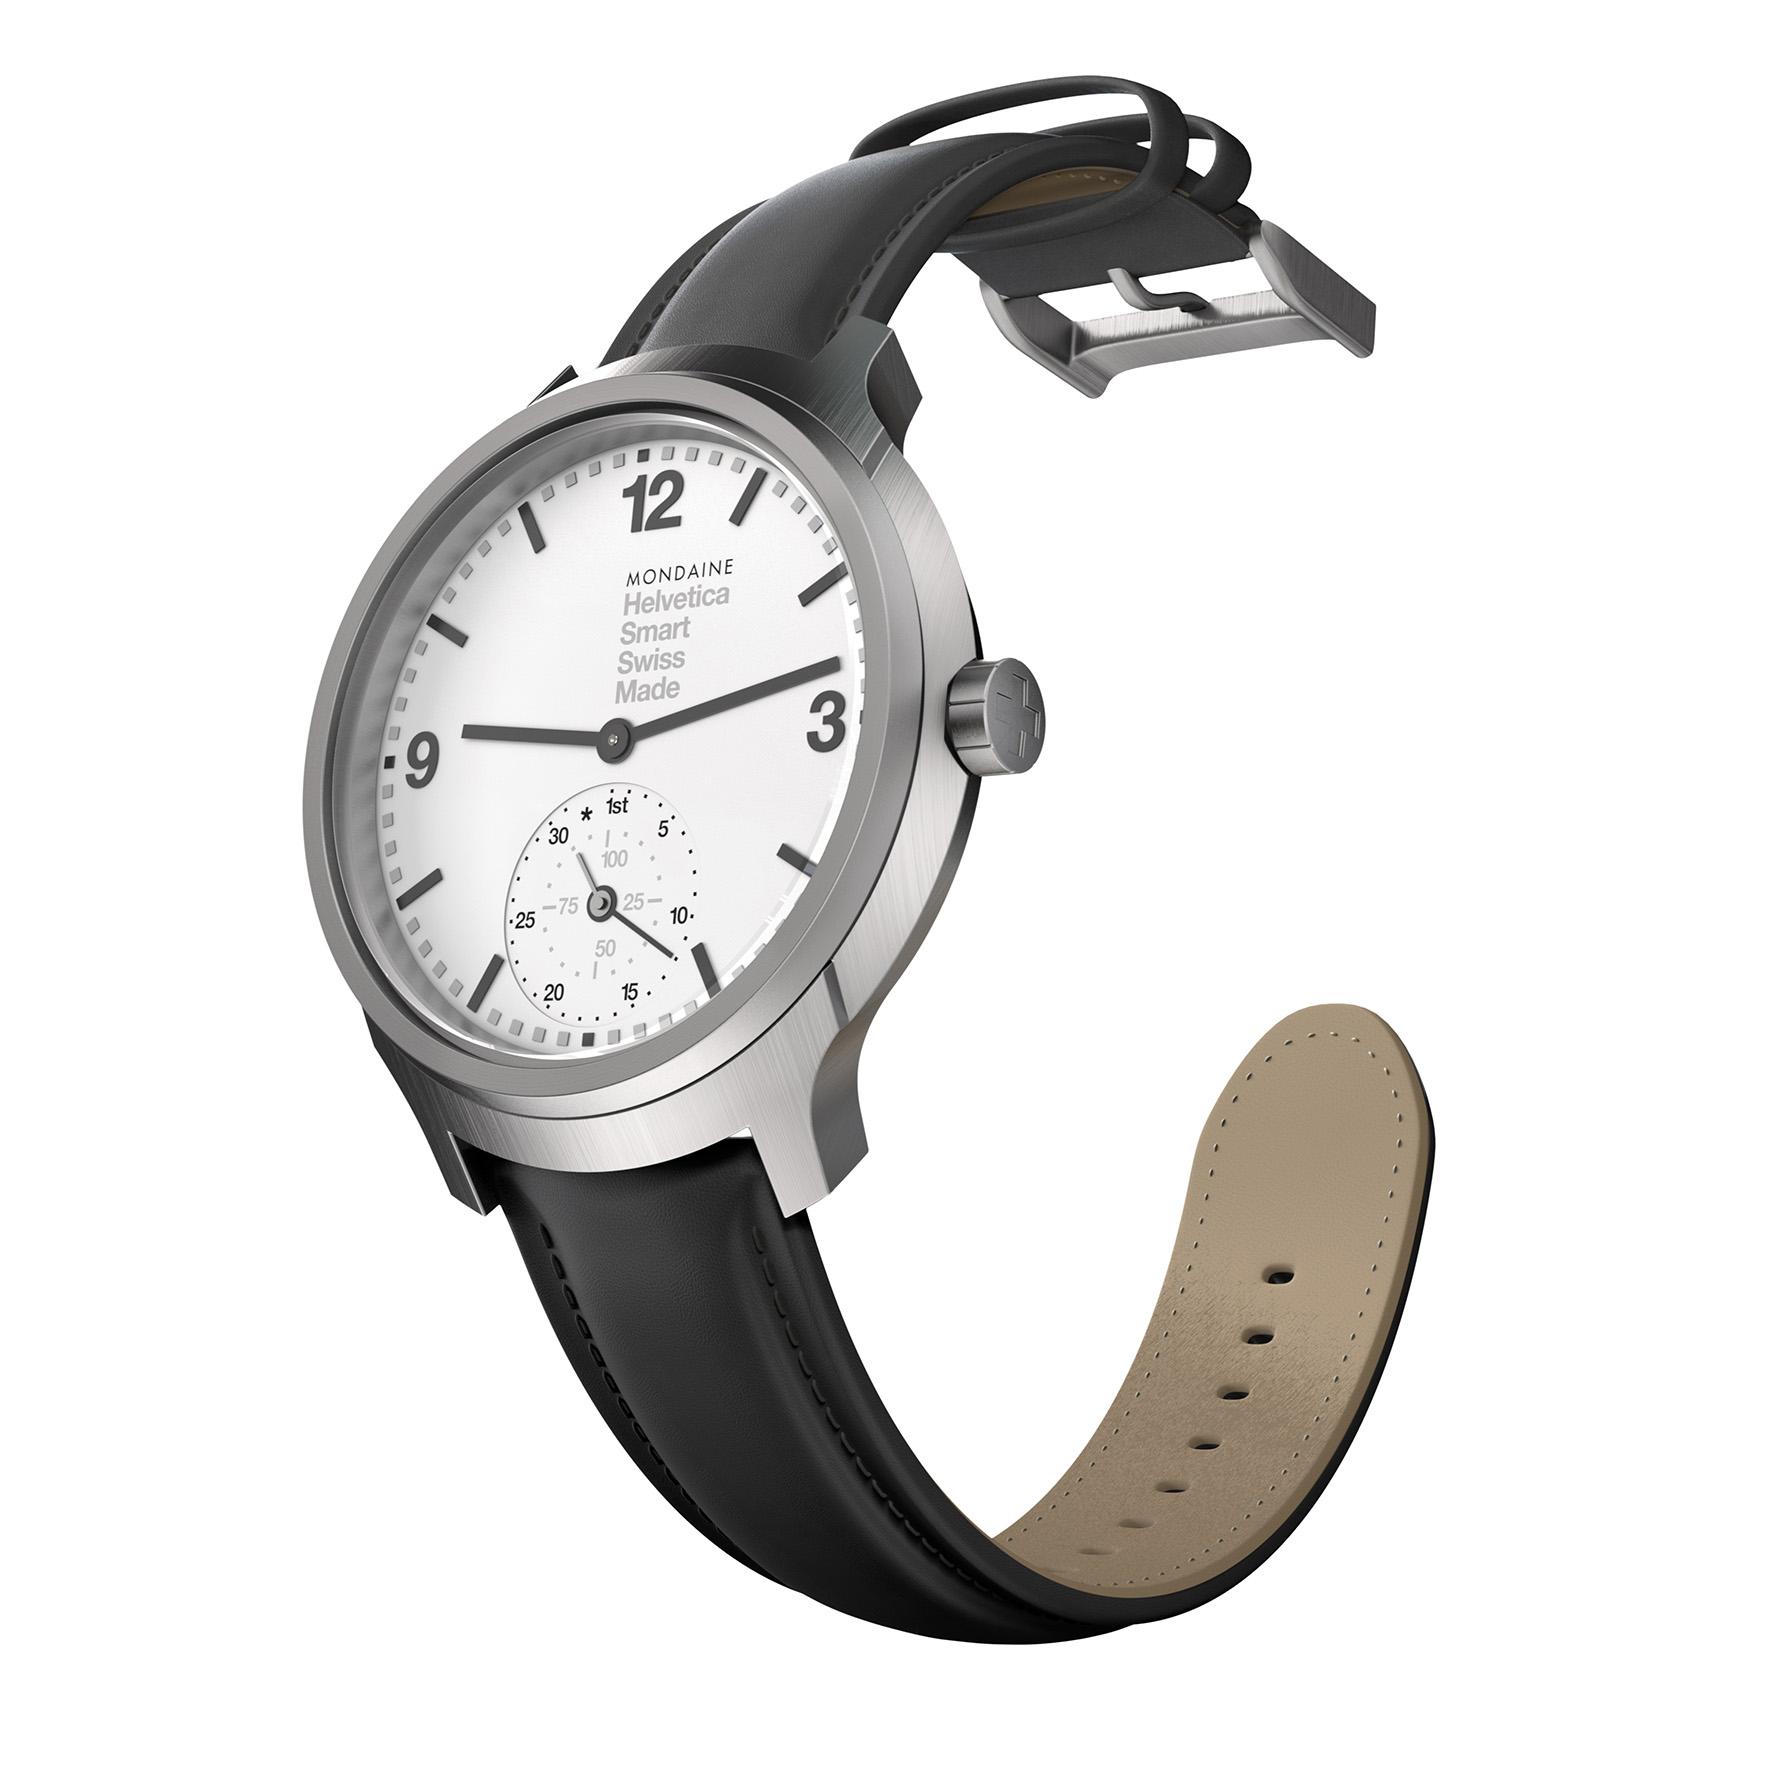 Mondaine Helvetica No 1 Horological Smartwatch: Where ...